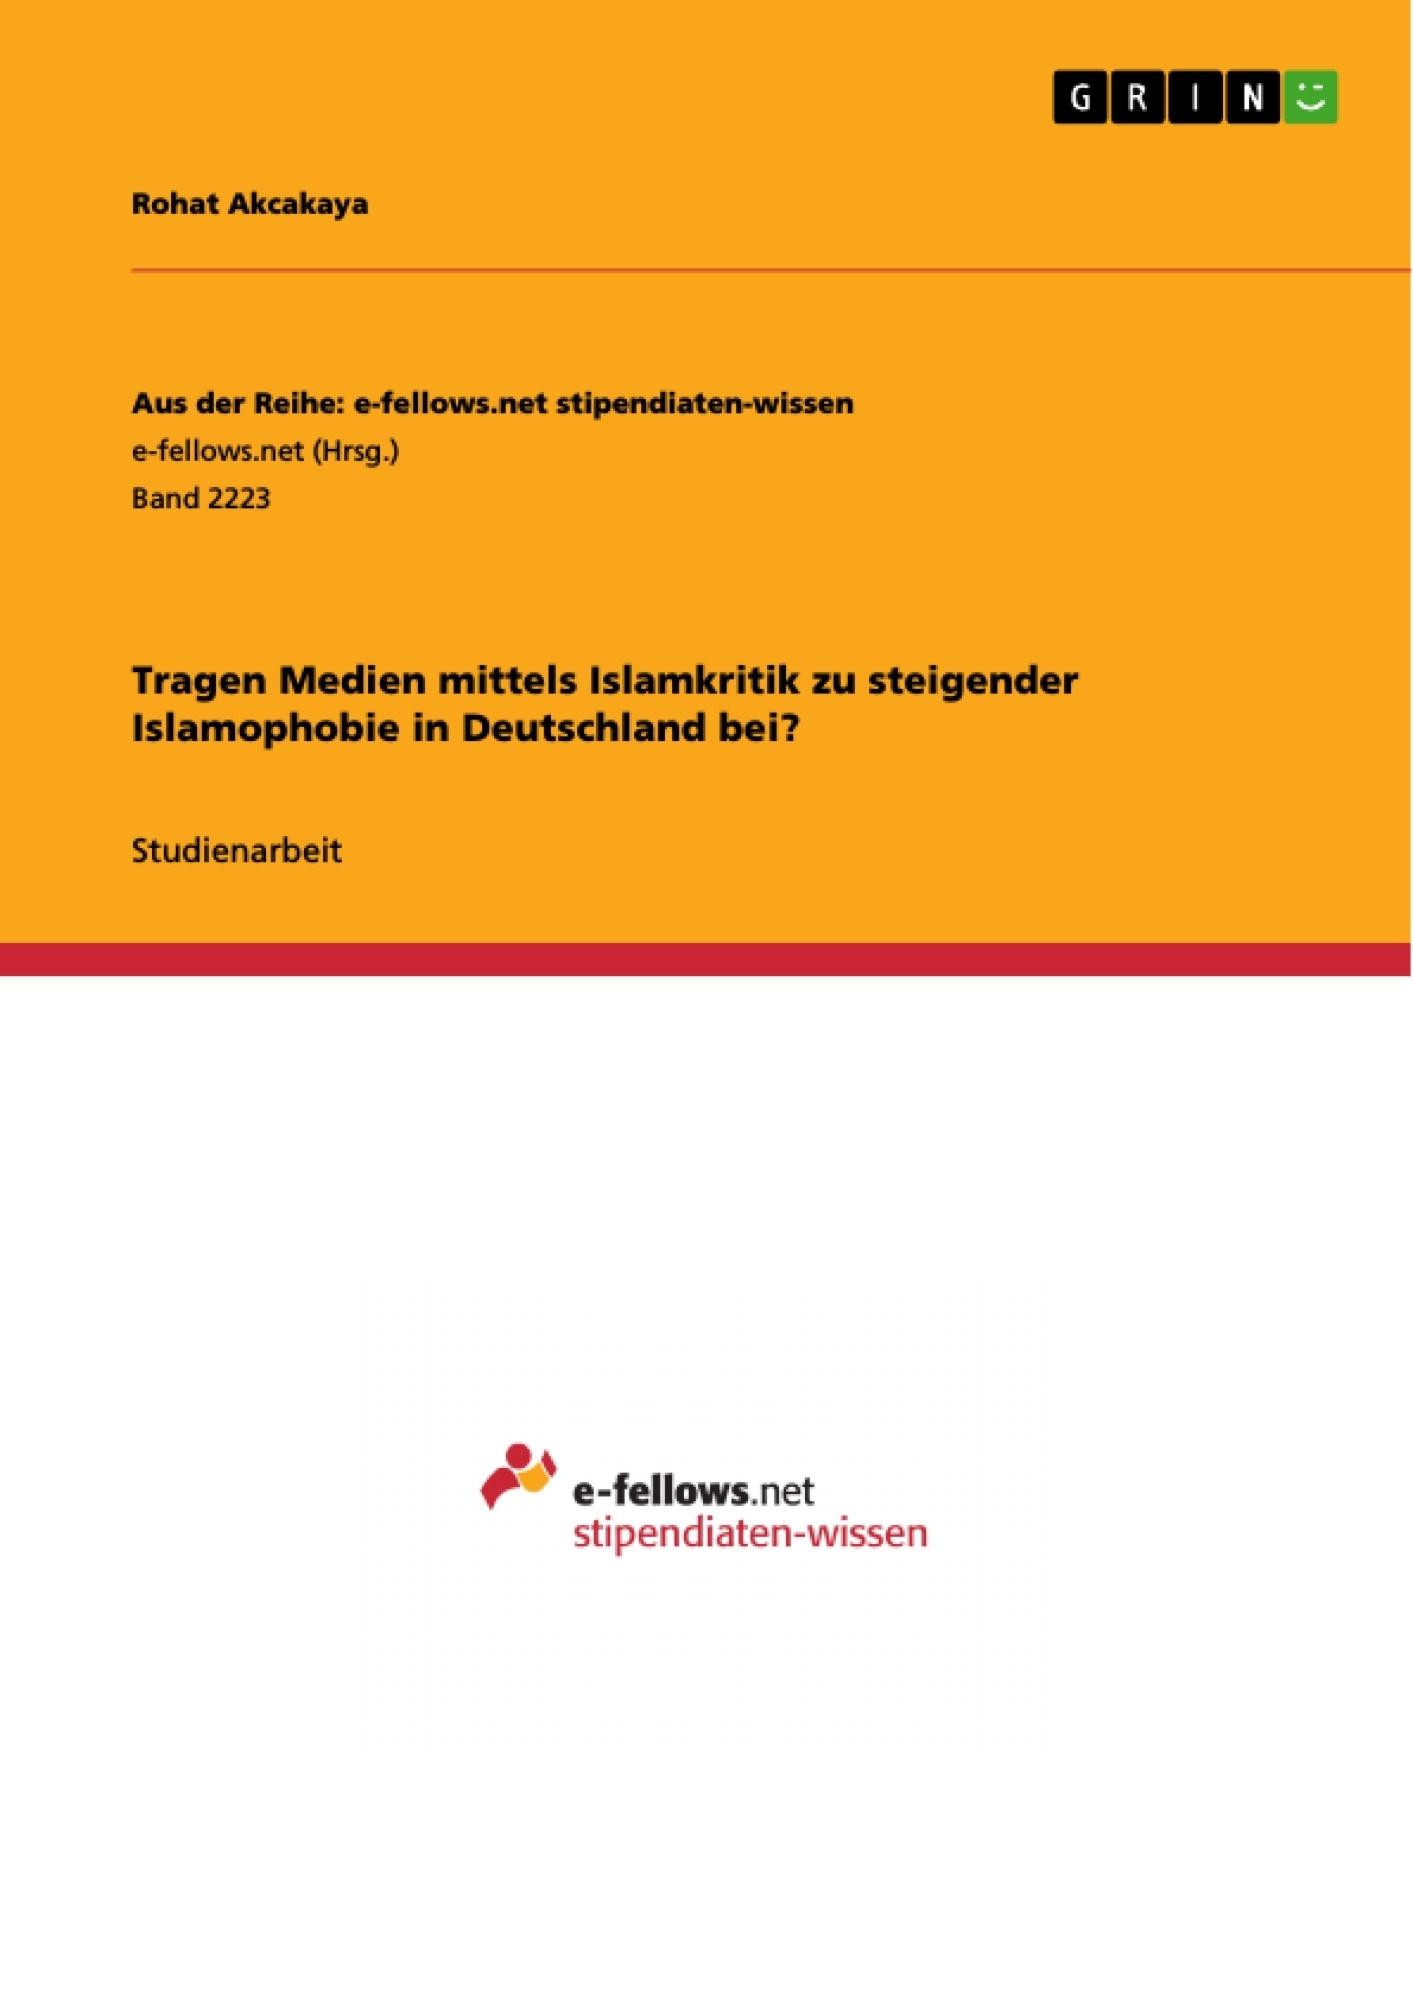 Titel: Tragen Medien mittels Islamkritik zu steigender Islamophobie in Deutschland bei?